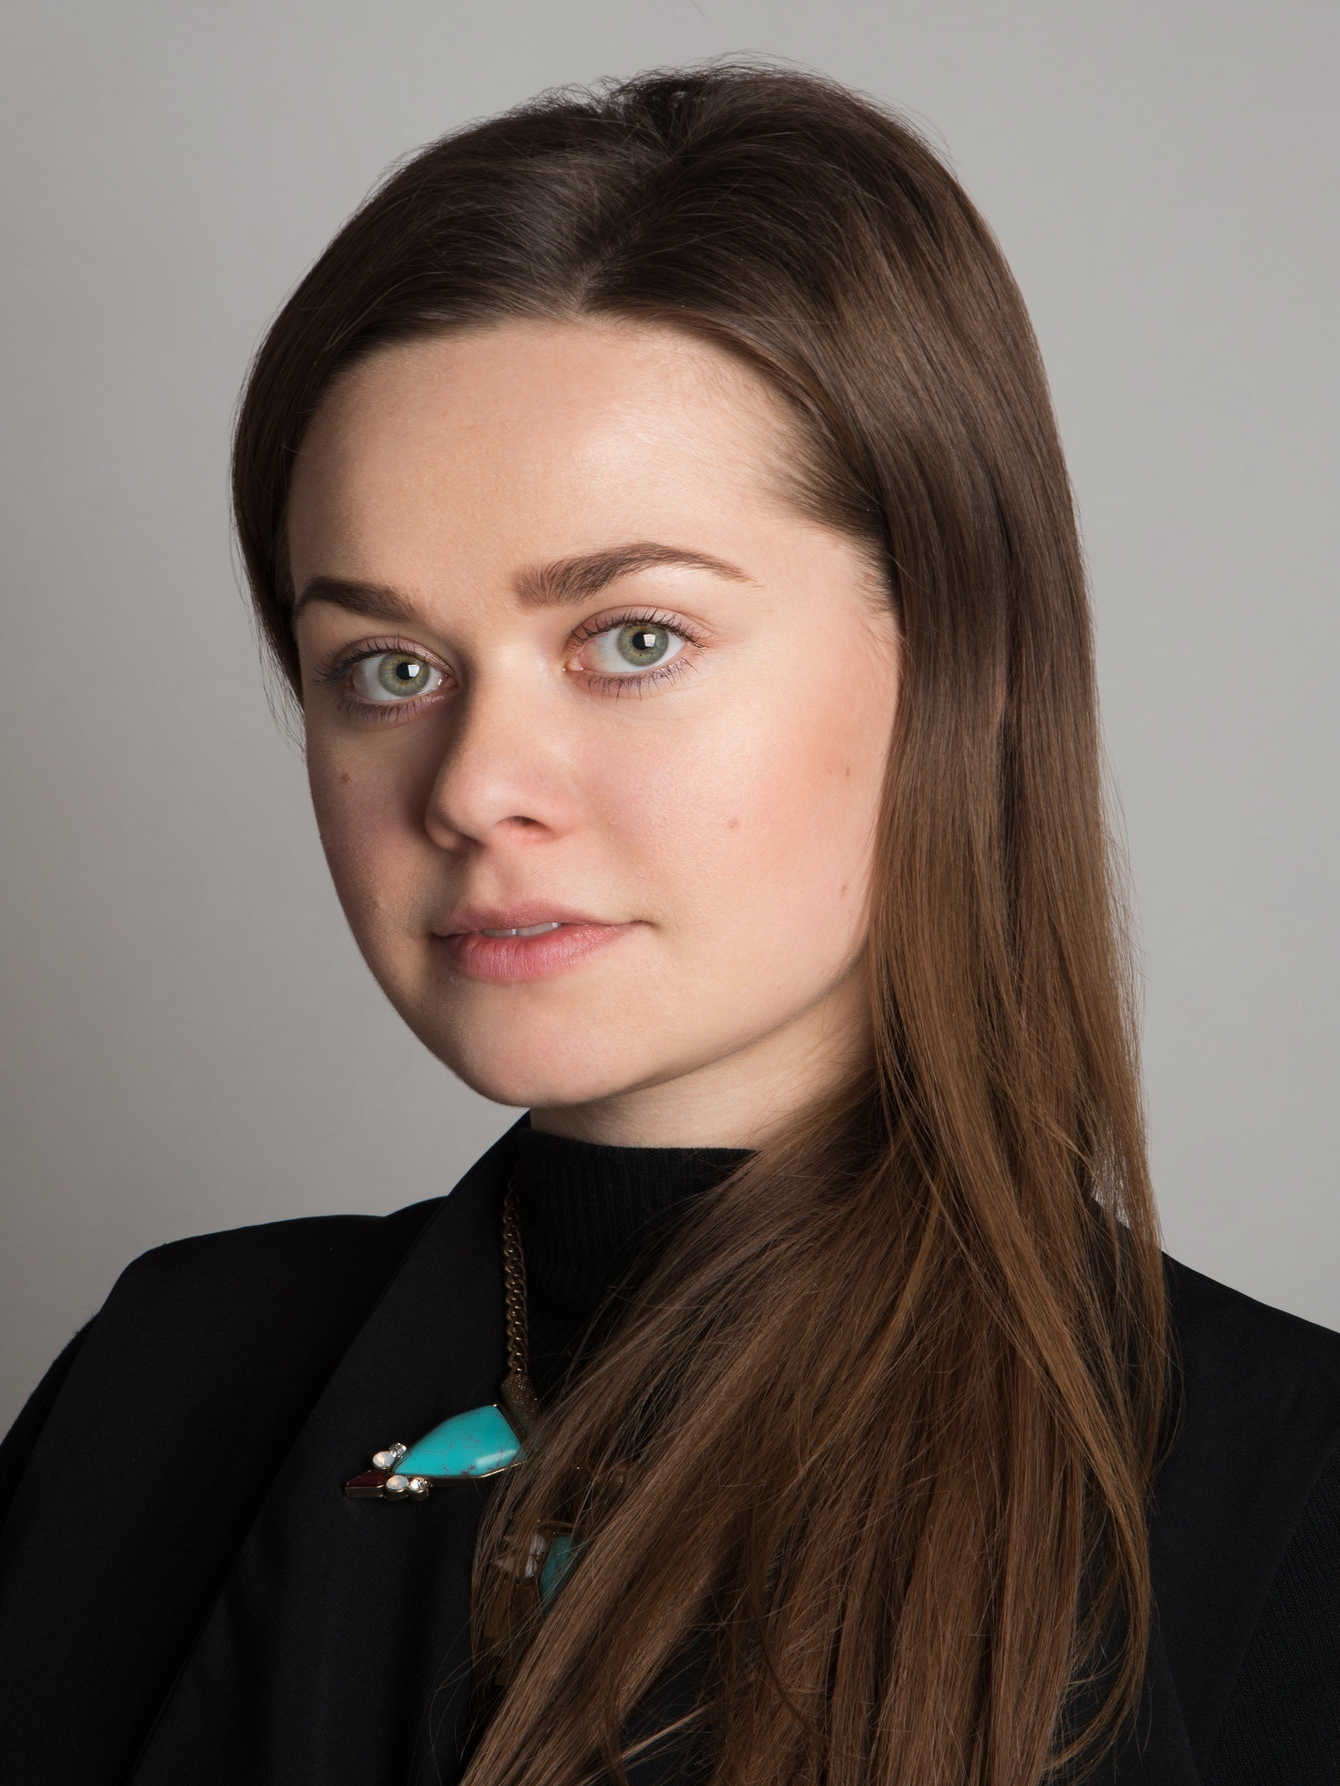 alena-bankovska-ray-makeup-artist-educator.jpg